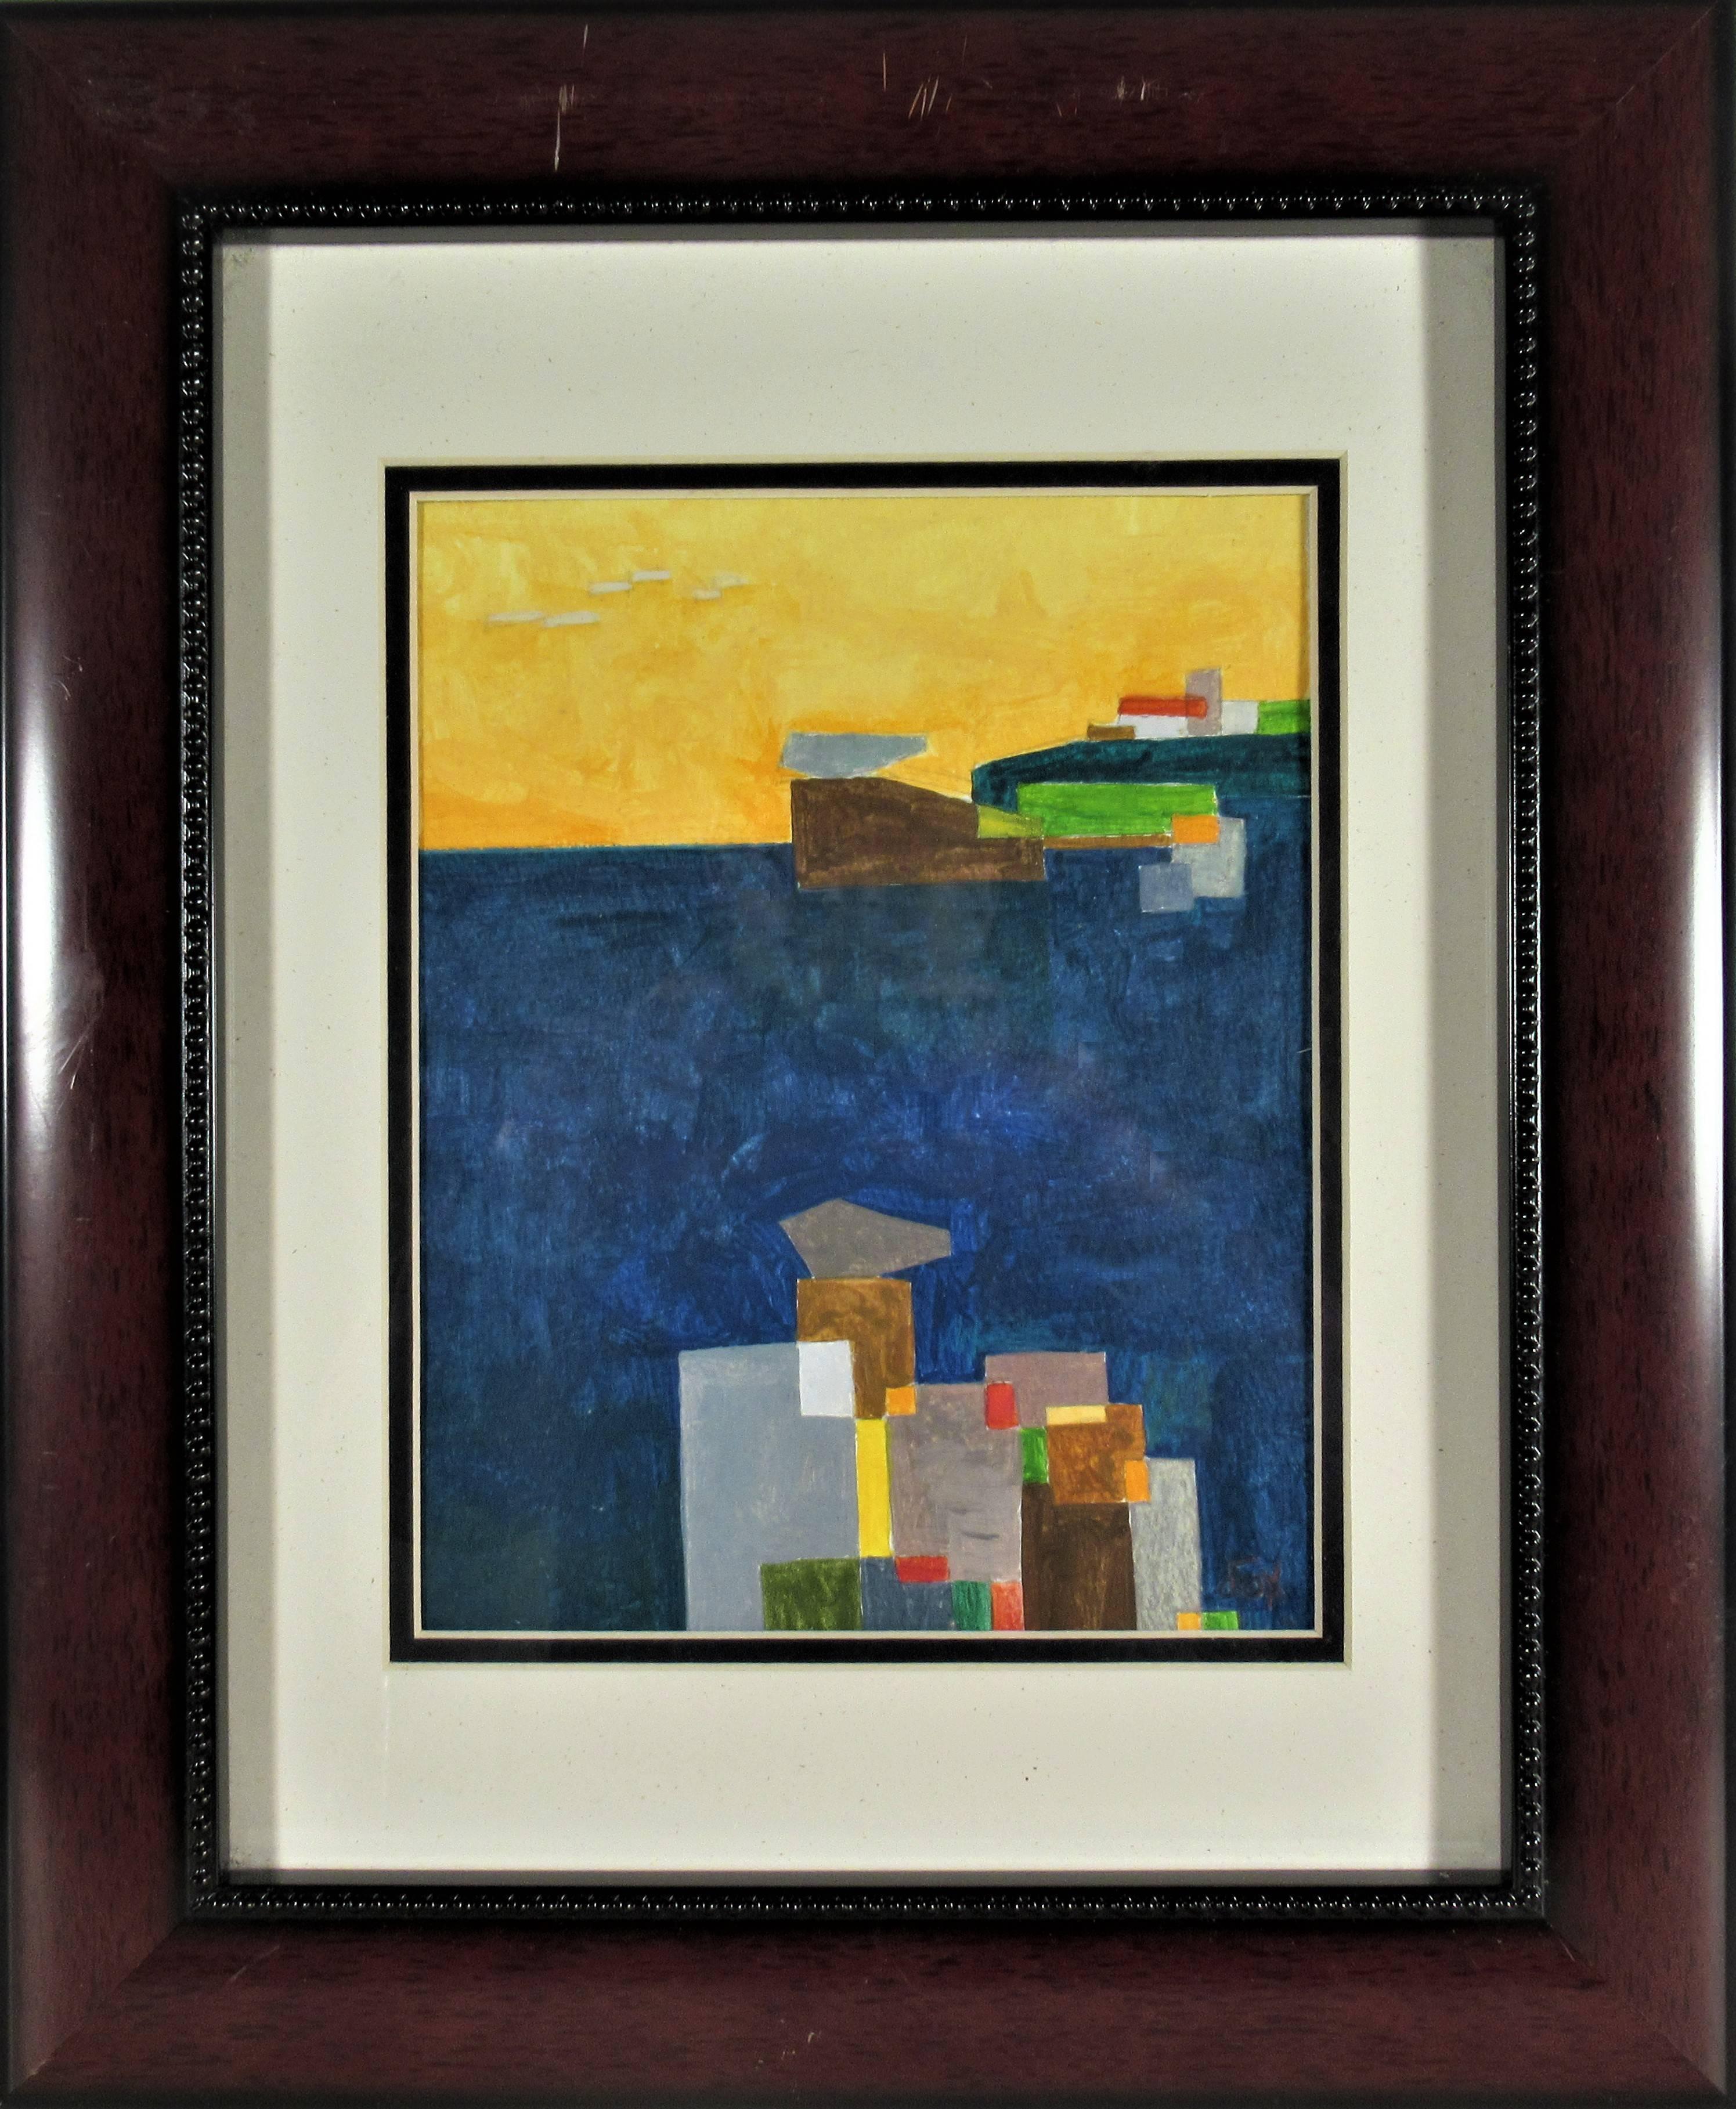 Seascape, Geometric Figure #2